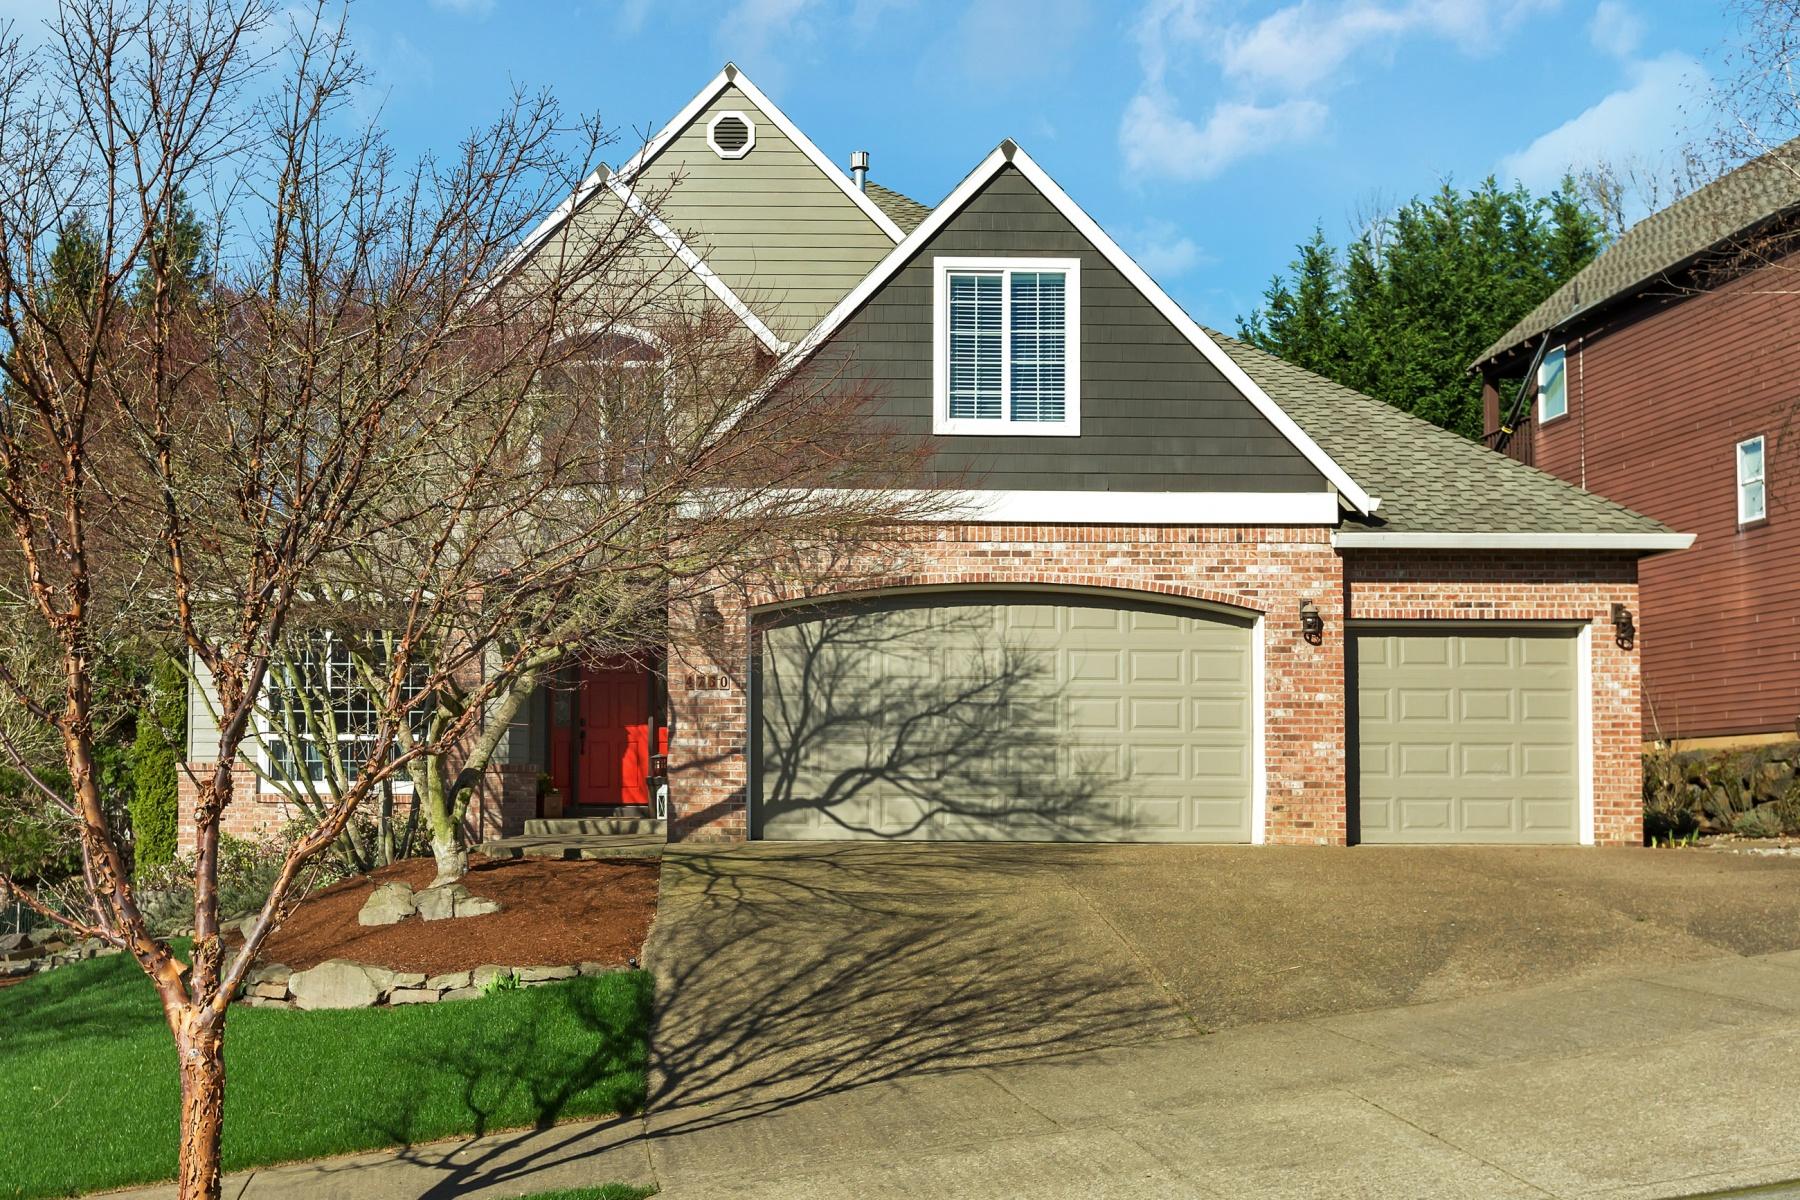 独户住宅 为 销售 在 4730 COHO, WEST LINN 4730 COHO Ln West Linn, 俄勒冈州, 97068 美国